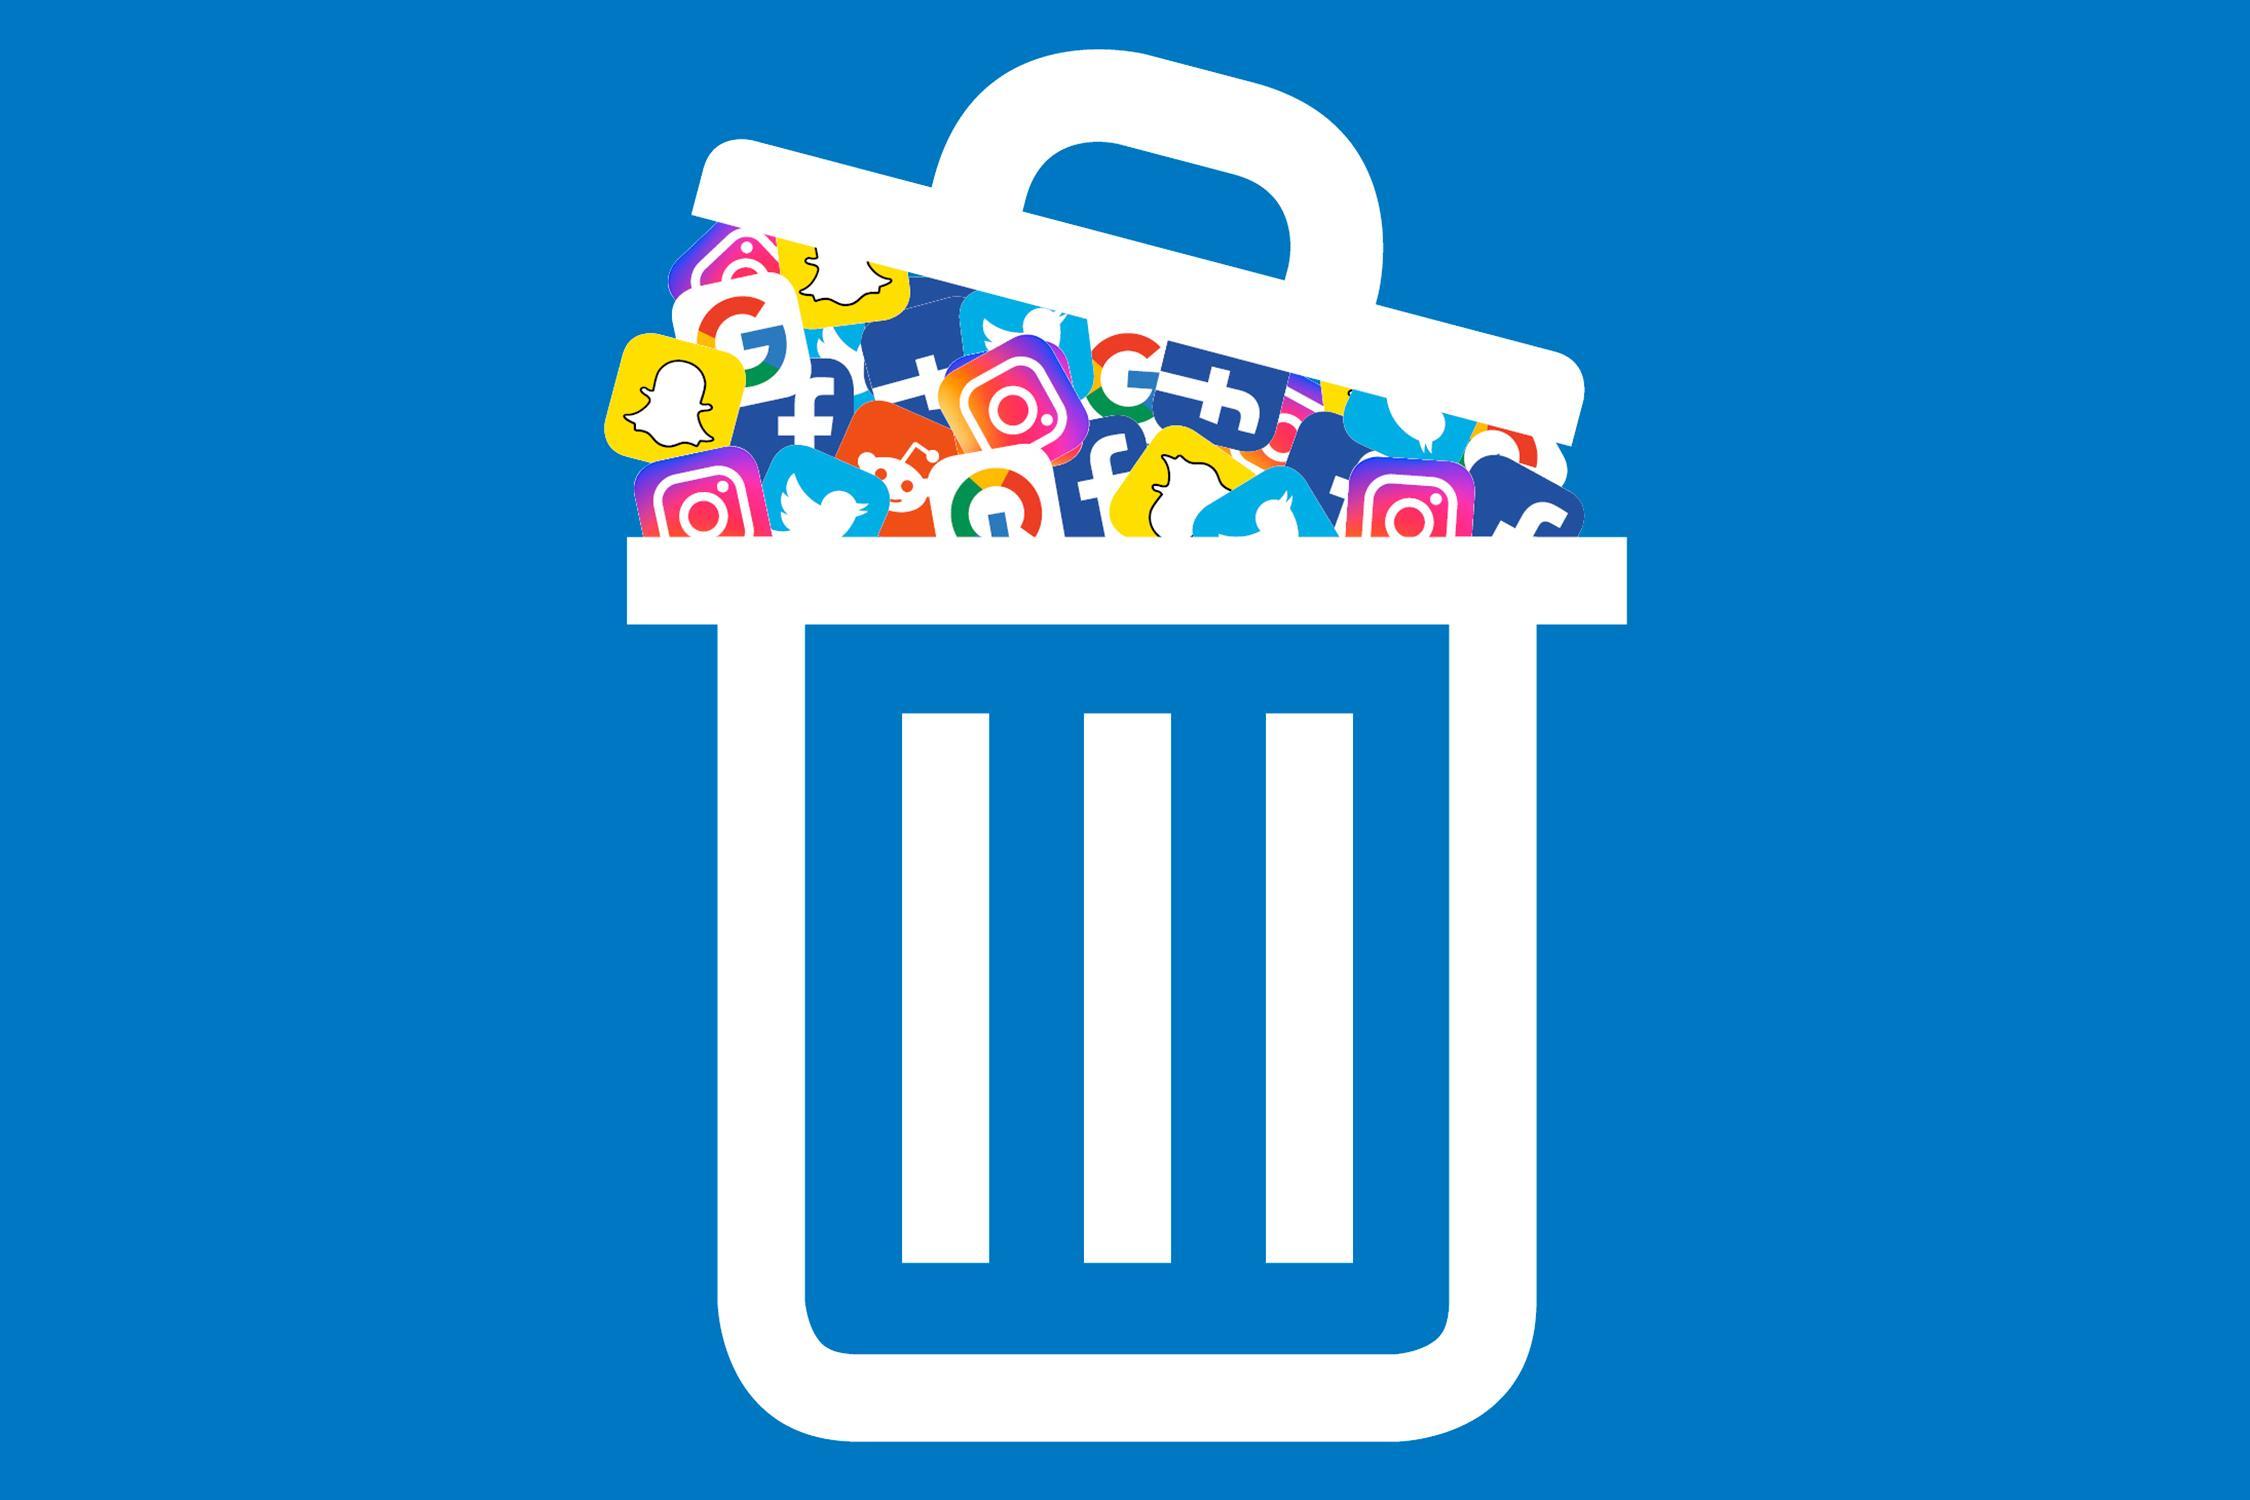 Manfaat-Menghapus-Sosial-Media